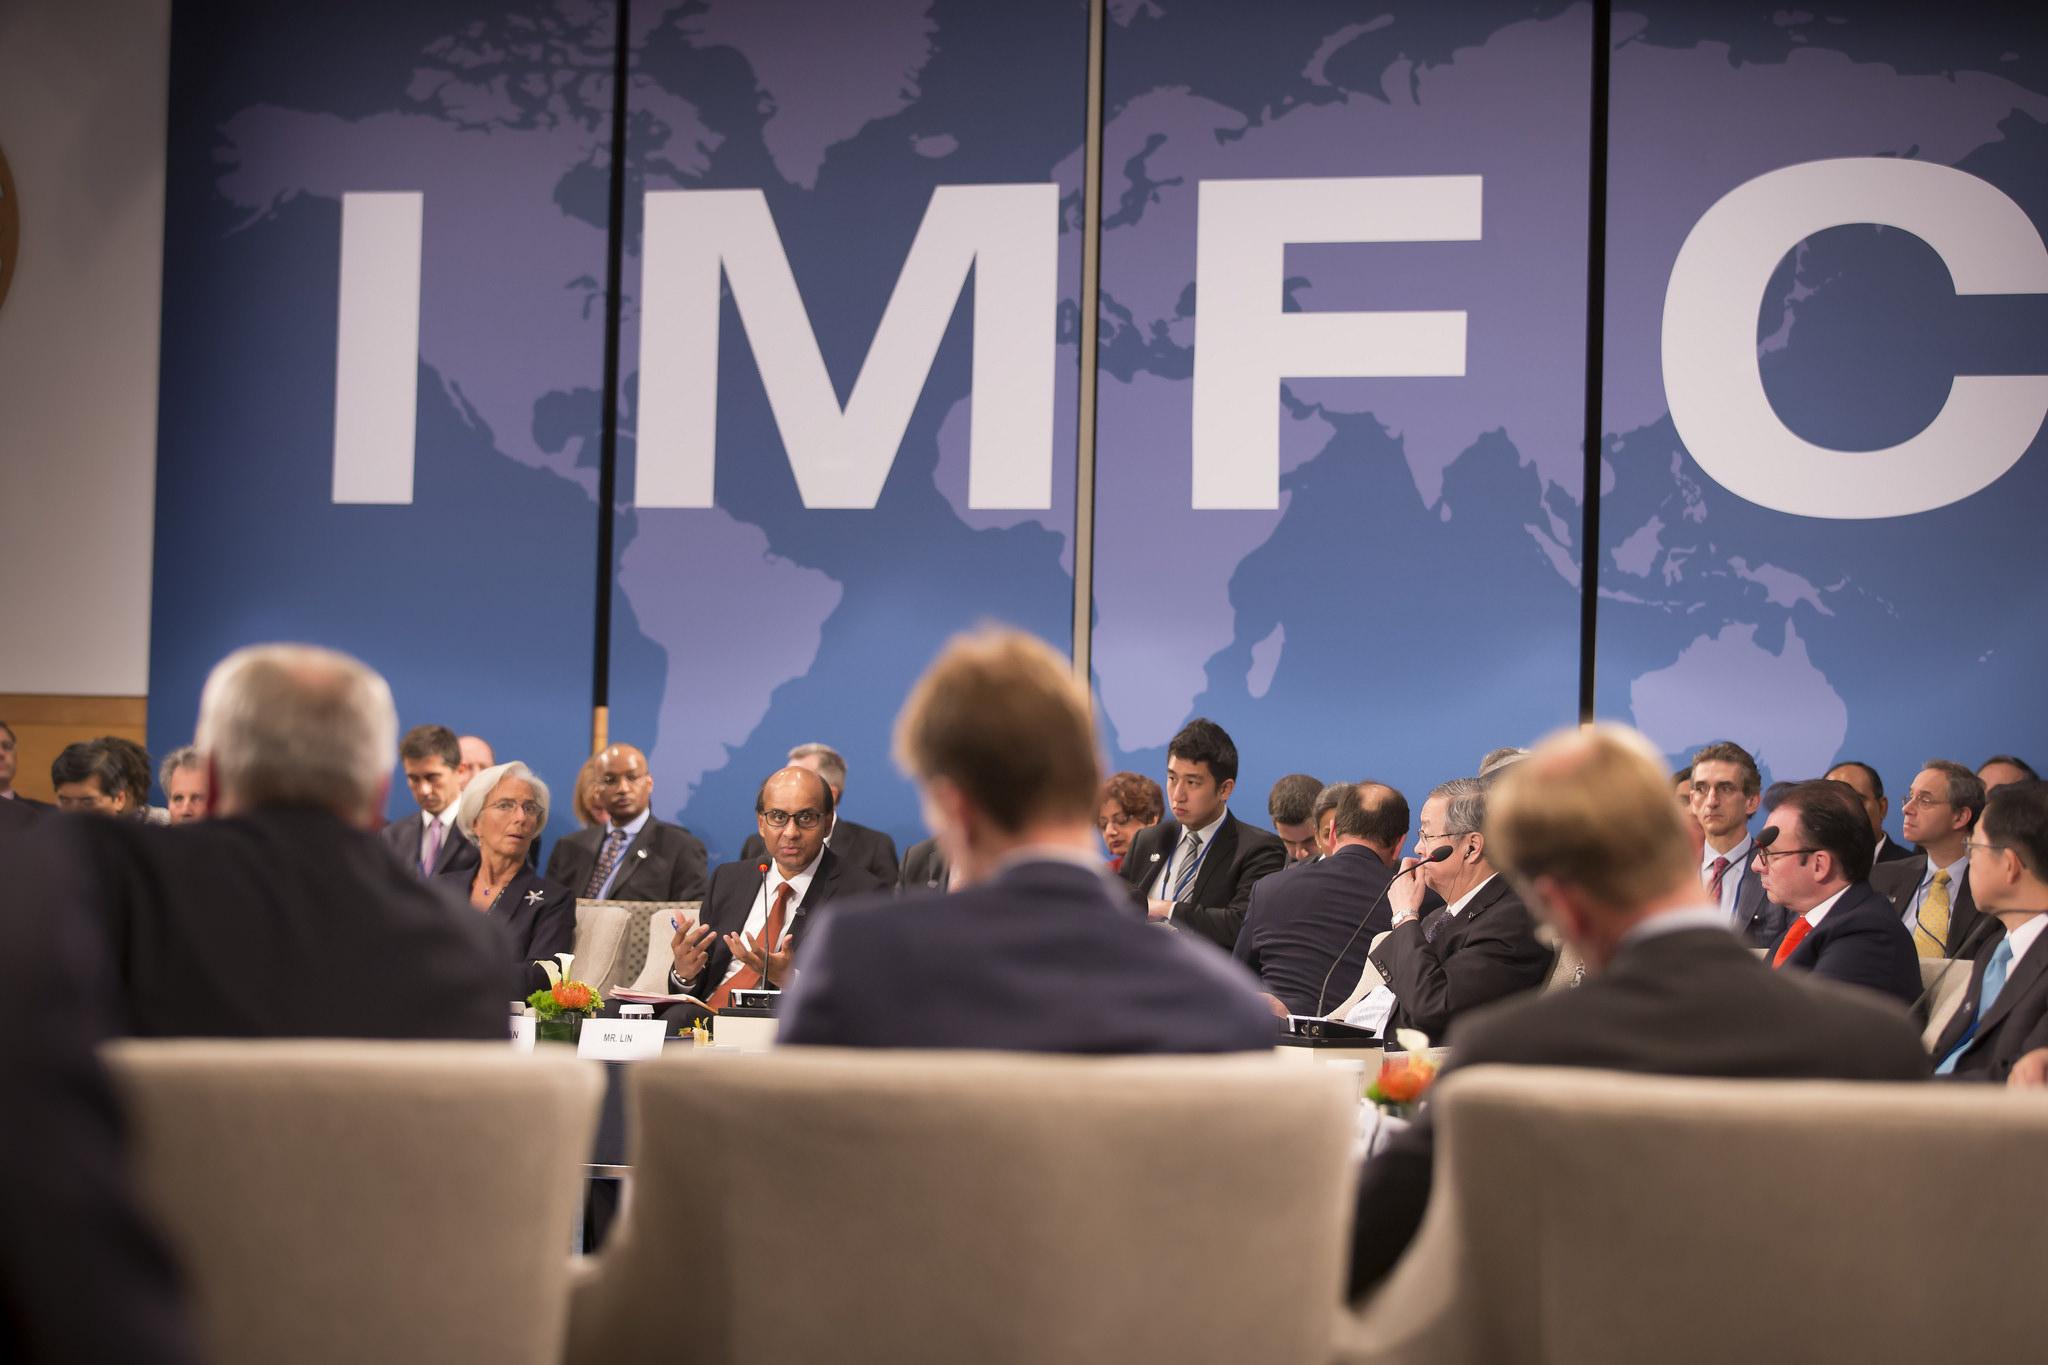 МВФ выделит Грузии 285 млн долларов для поддержки финансовых перемен